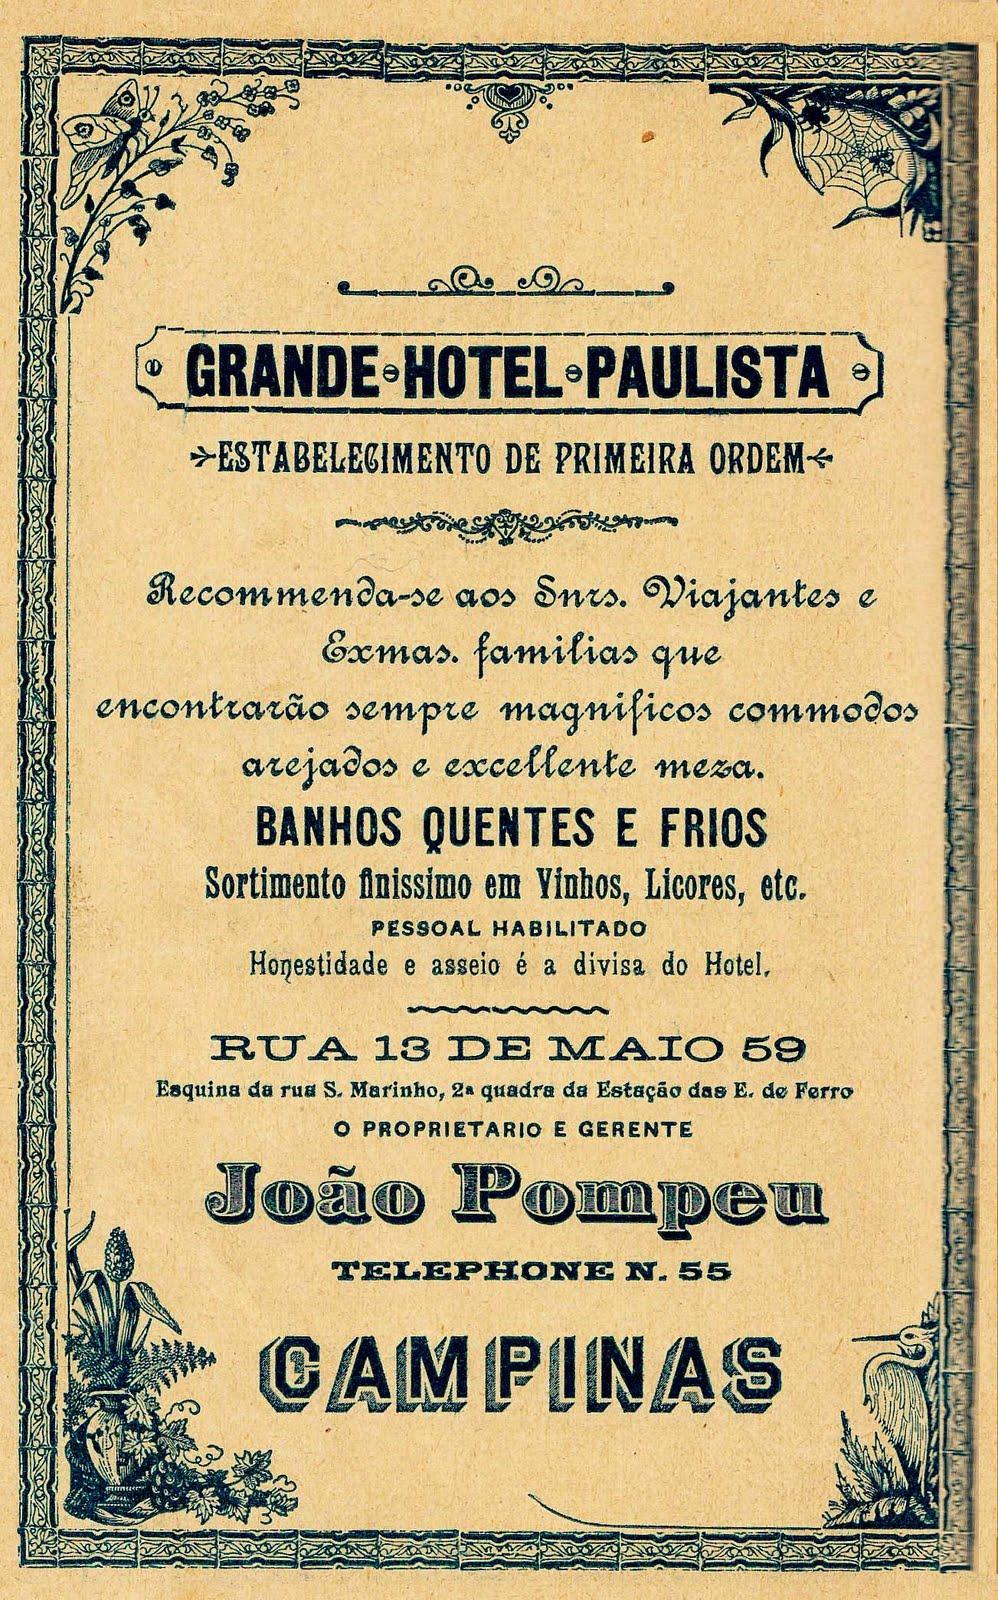 PPG - Almanaque 1899-1900 - Grande Hotel Paulista.JPG